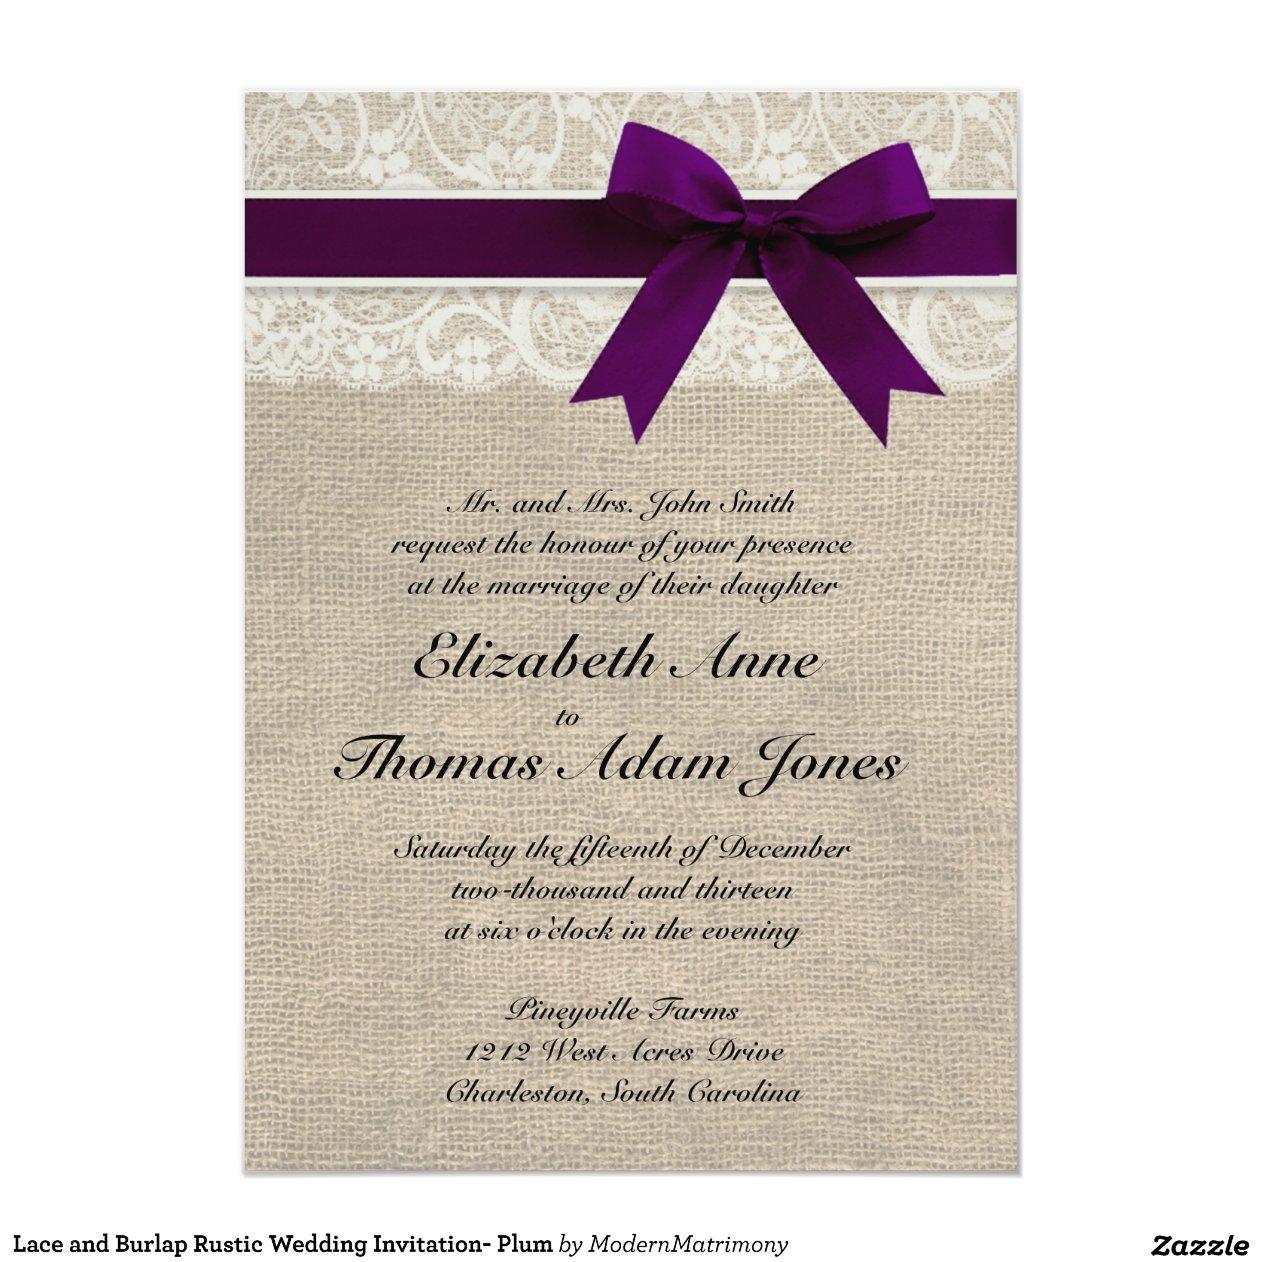 prune rustique d 39 invitation de mariage de dentelle carton d 39 invitation 12 7 cm x 17 78 cm zazzle. Black Bedroom Furniture Sets. Home Design Ideas